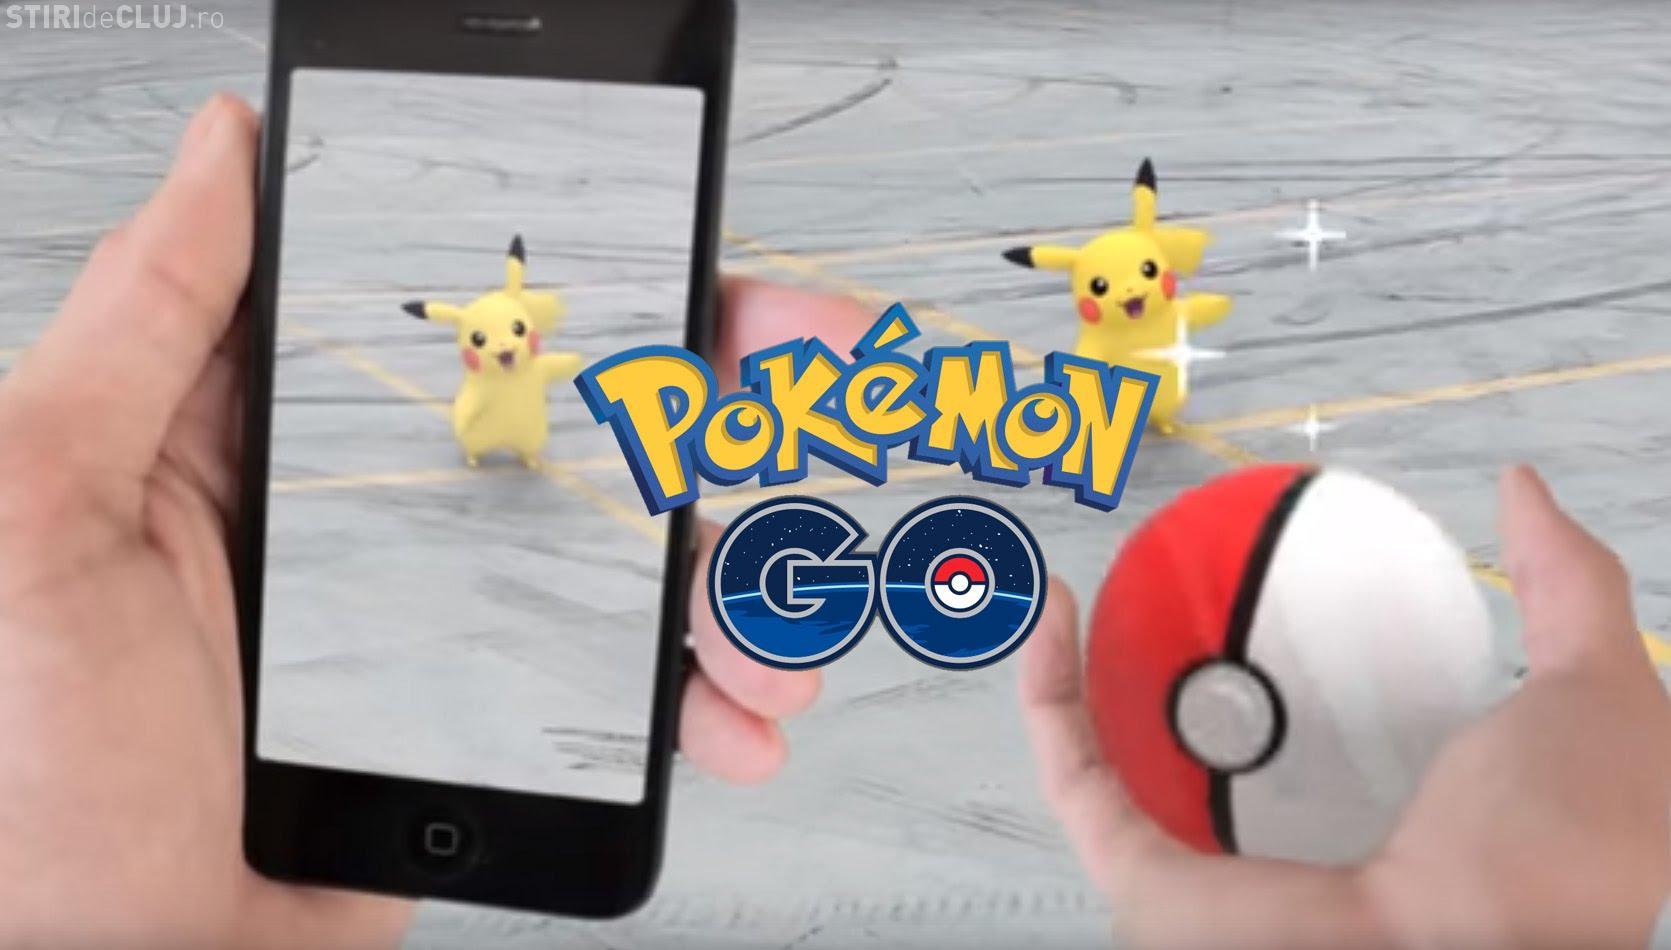 Rușii vor să detroneze popularitatea Pokemon Go! Ce aplicație vor lansa curând